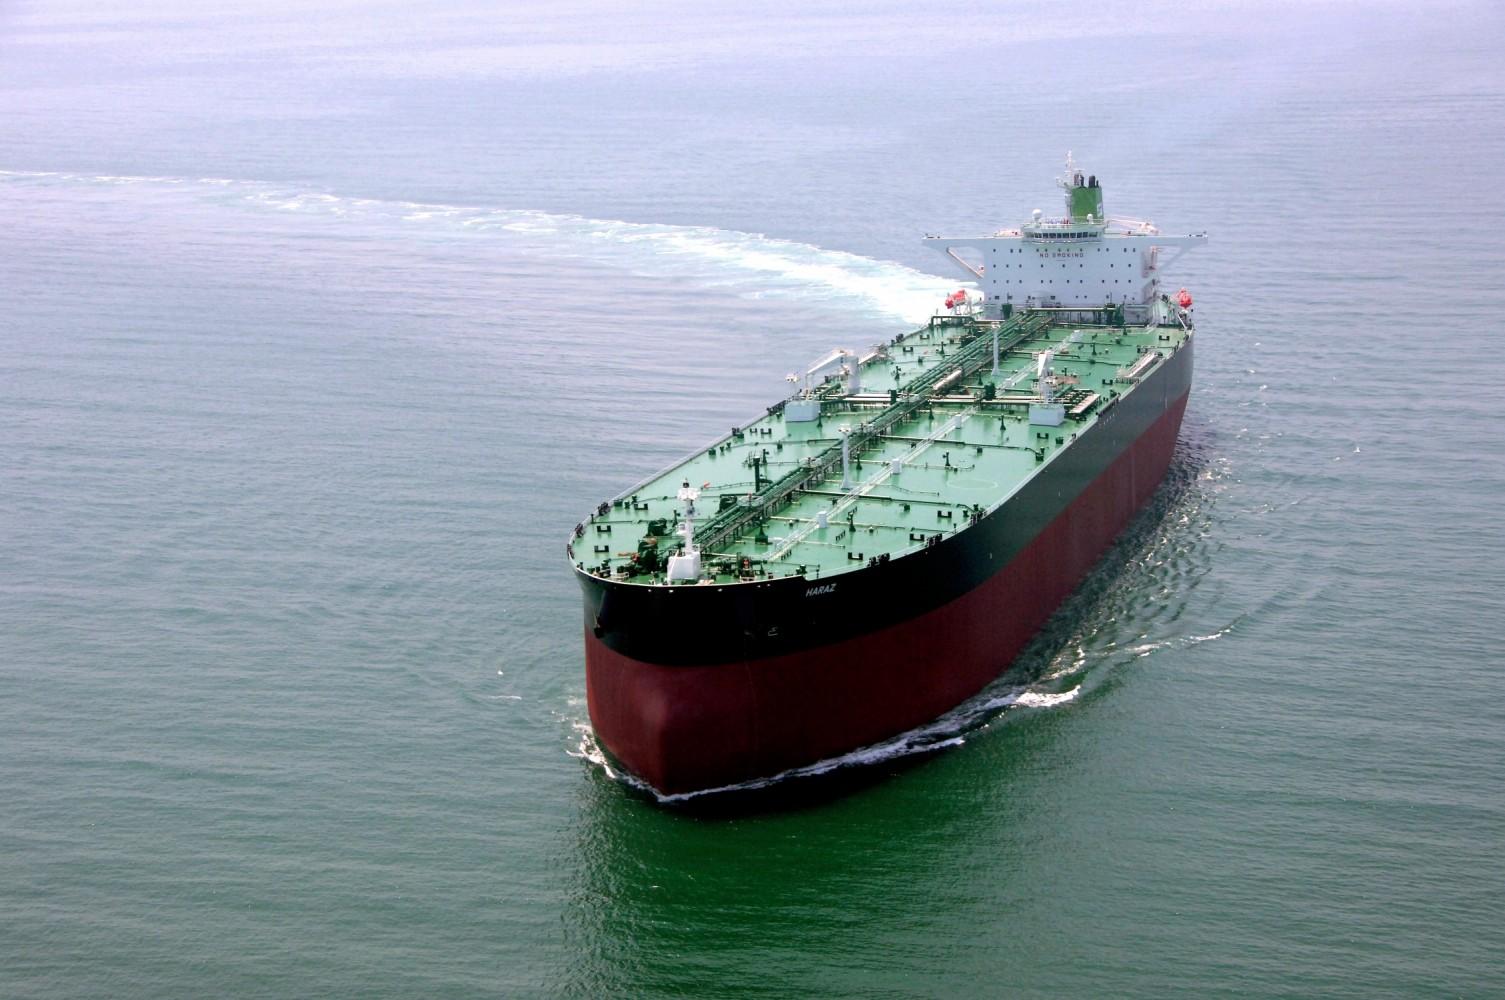 تایم لپس زیبای جدا شدن کشتی نفتکش ایرانی از SPM